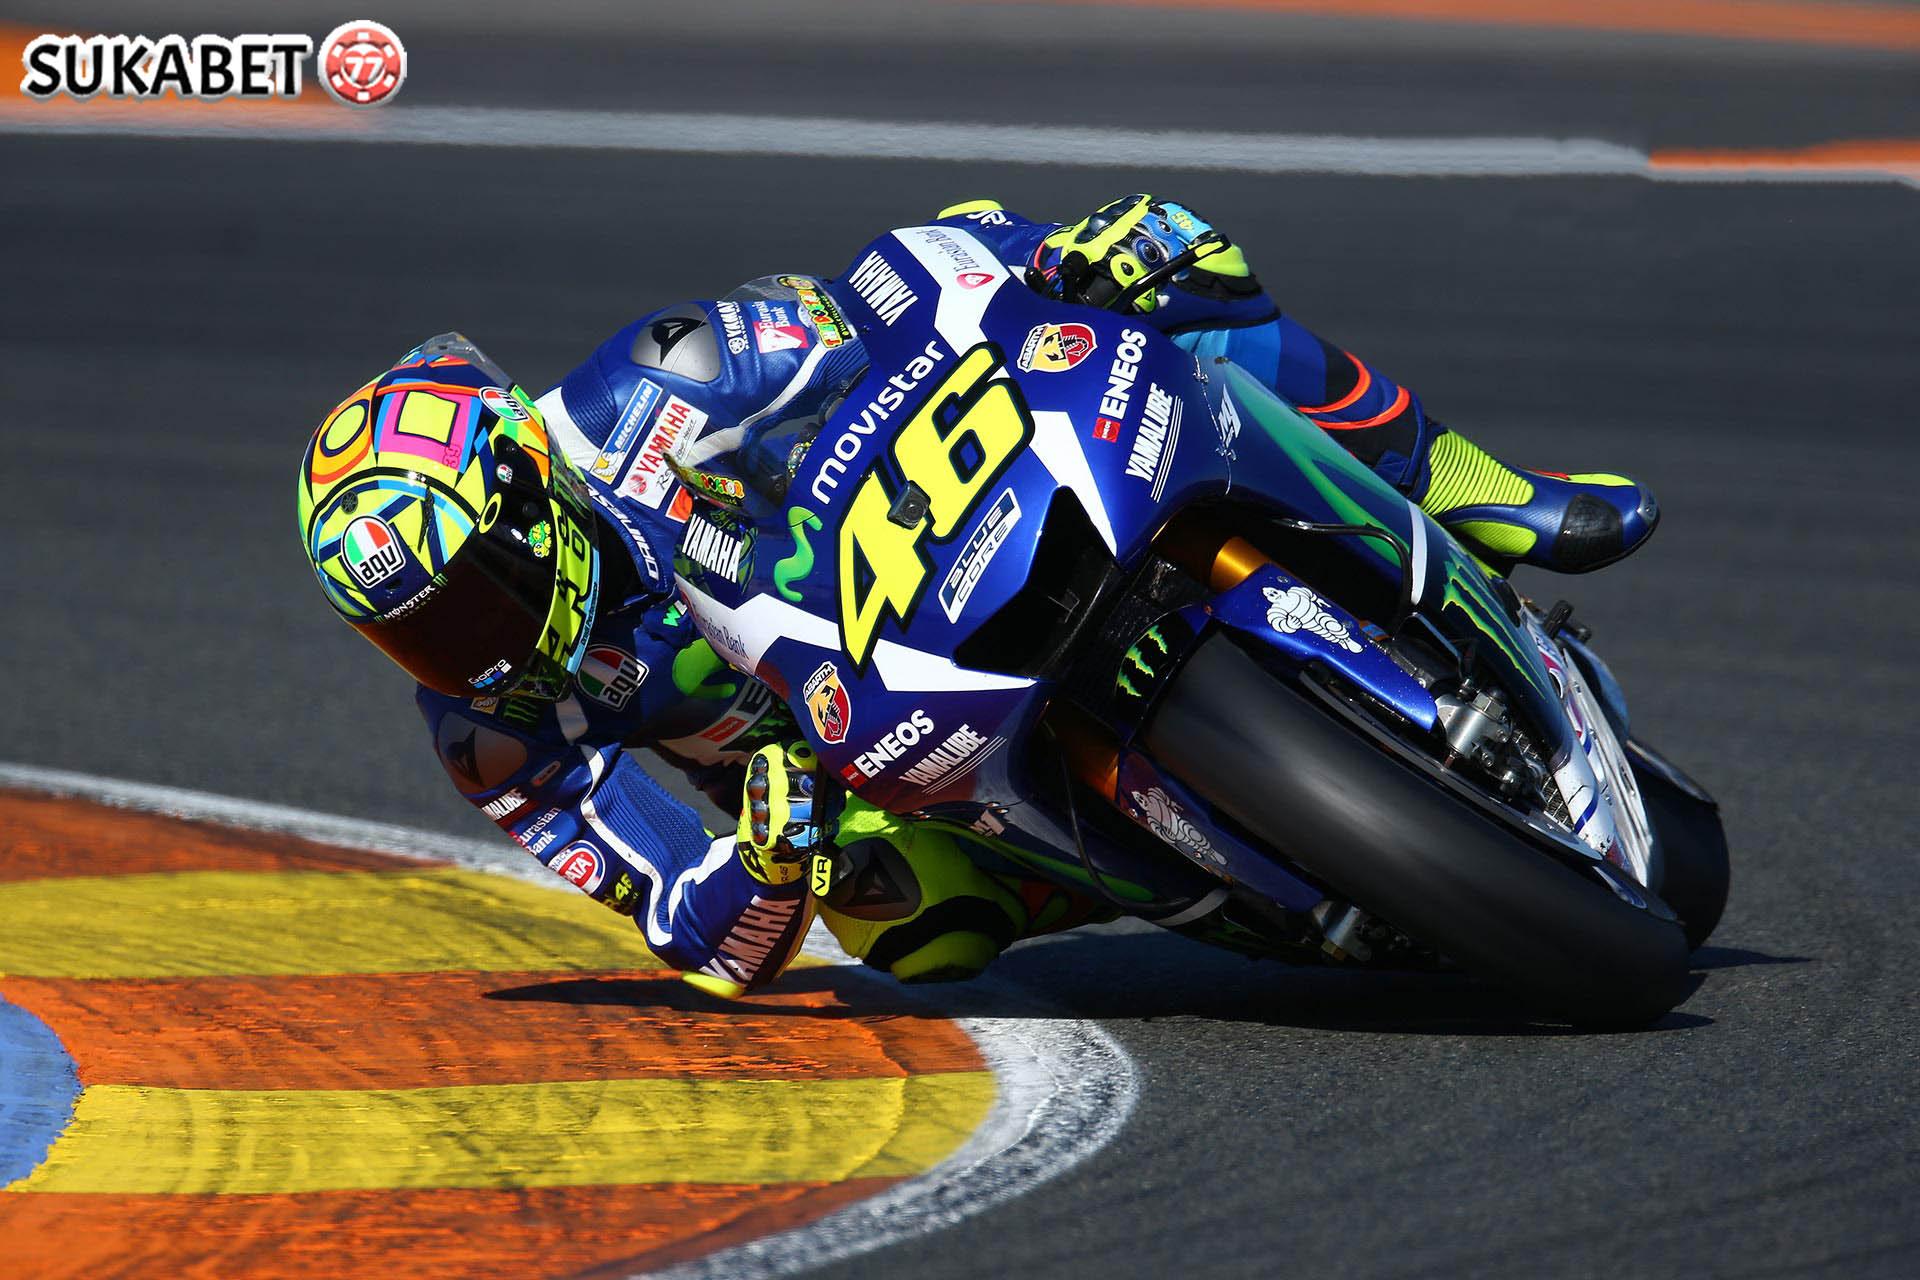 Rossi Ingin Terus Fokus Meraih Kemenangan di Sisa Musim